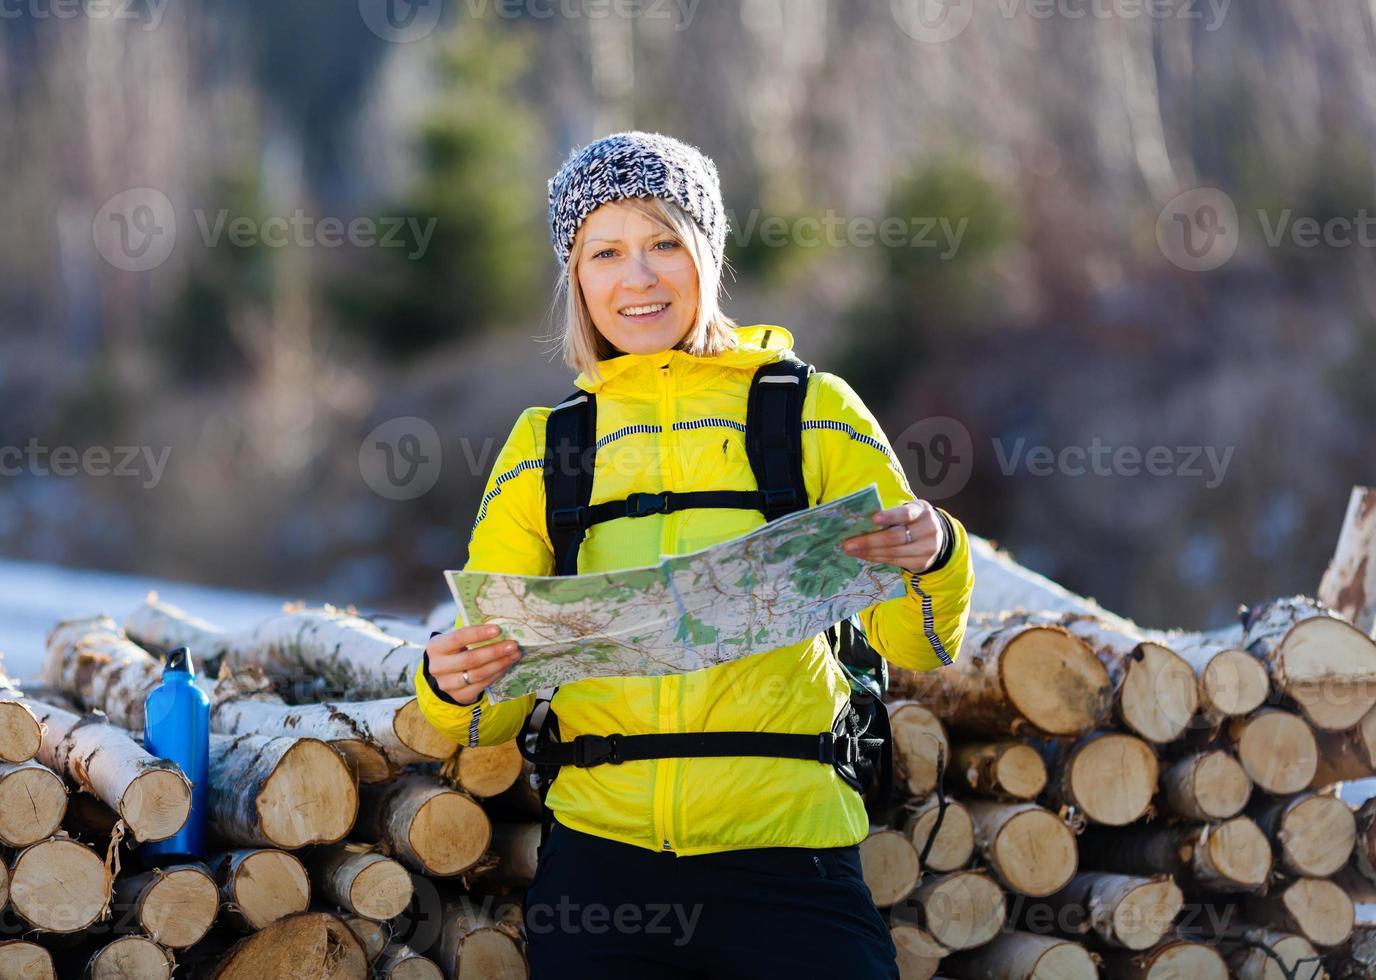 mulher, caminhadas e acampar no bosque de inverno foto